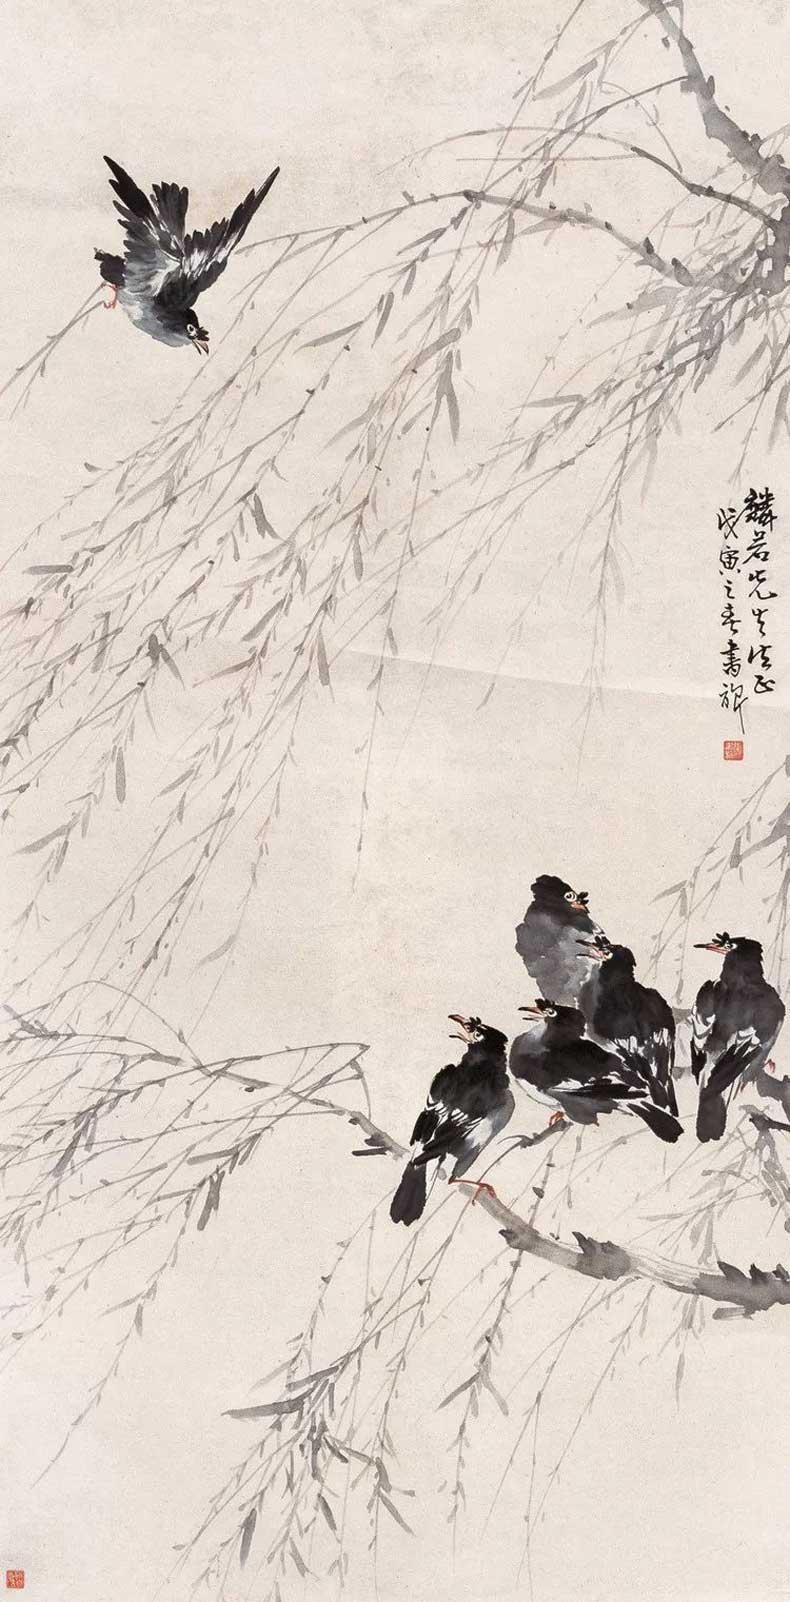 金陵画坛_张书旂花鸟画作品欣赏-名人字画网